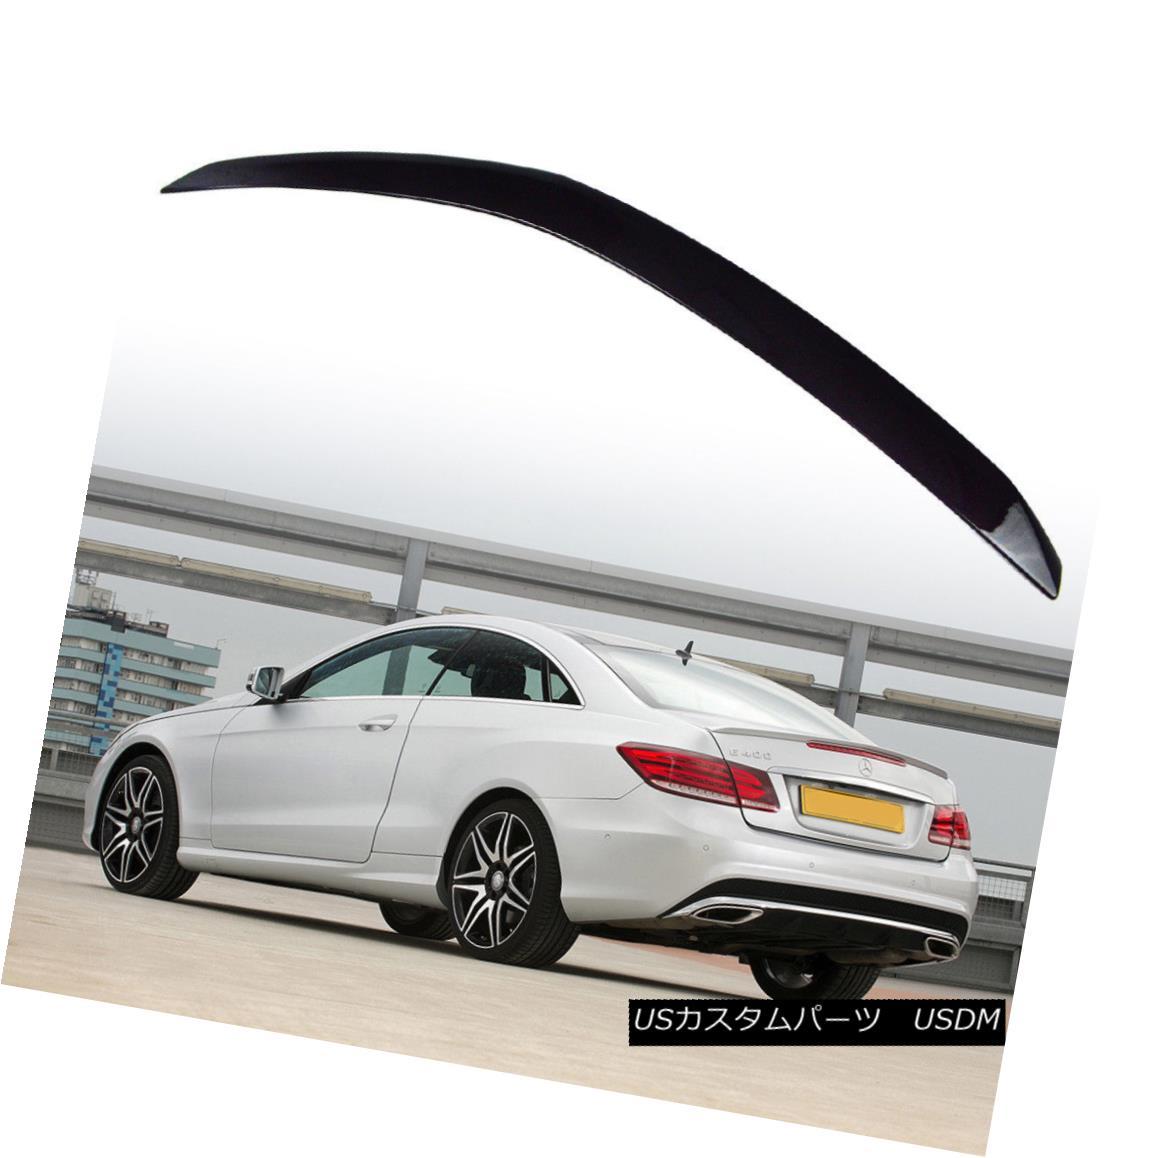 エアロパーツ Paint #197 For Mercedes Benz C207 E 2DR Coupe Convertible A Style Trunk Spoiler ペイント#197メルセデスベンツC207 E 2DRクーペのコンバーチブルスタイルのトランク・スポイラー